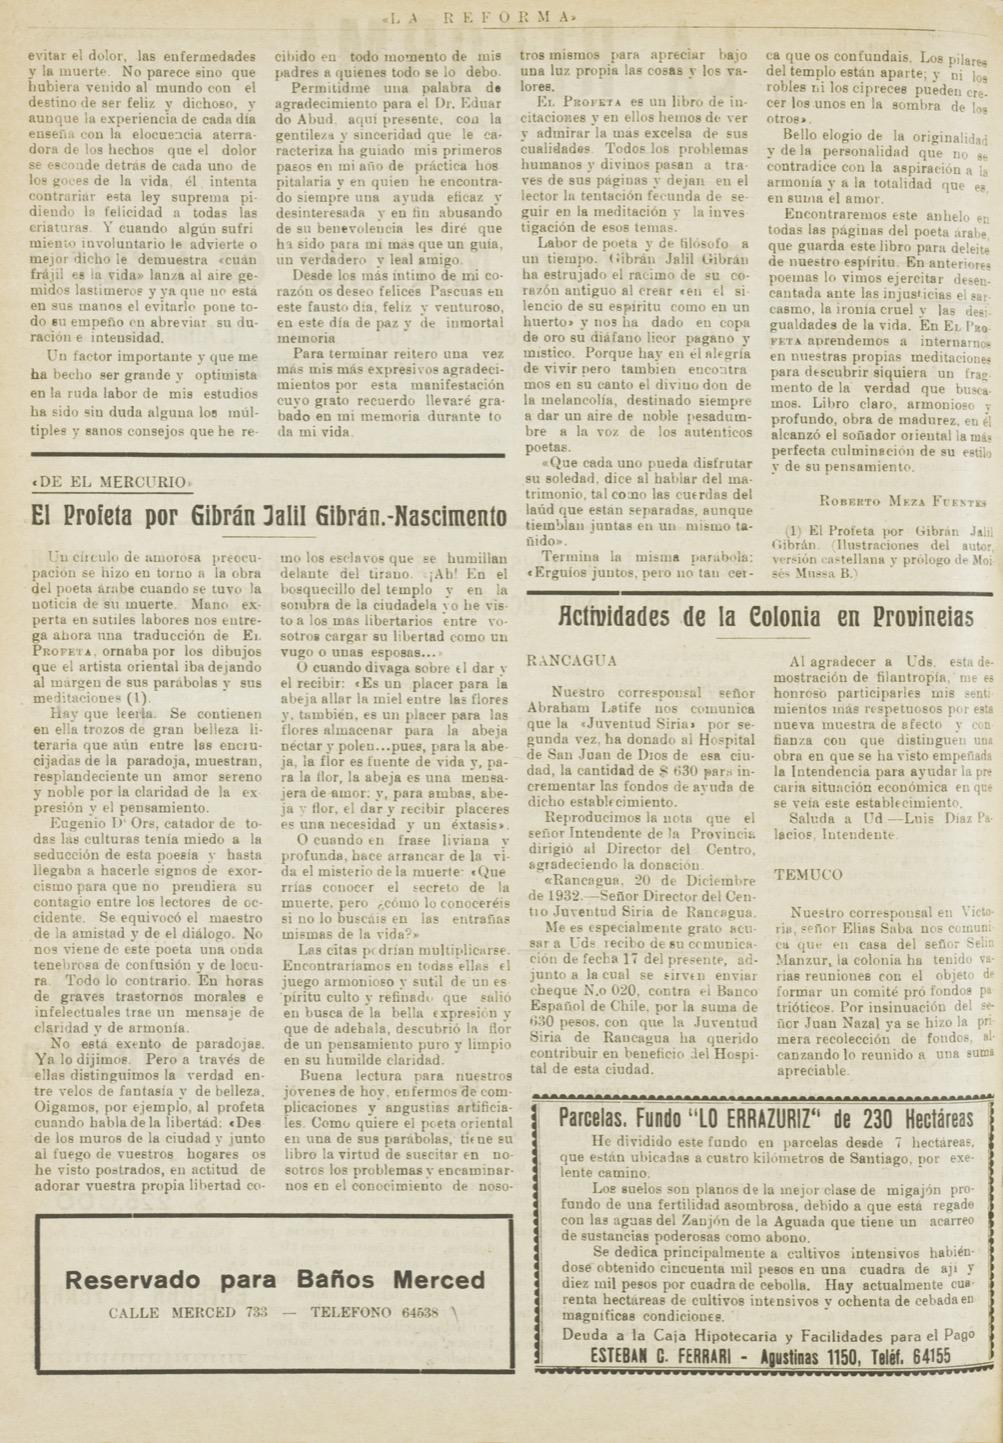 """Roberto Meza Fuentes, """"El Profeta por Gibran Jalil Gibran"""", La Reforma, Jan 7, 1933, p. 2."""